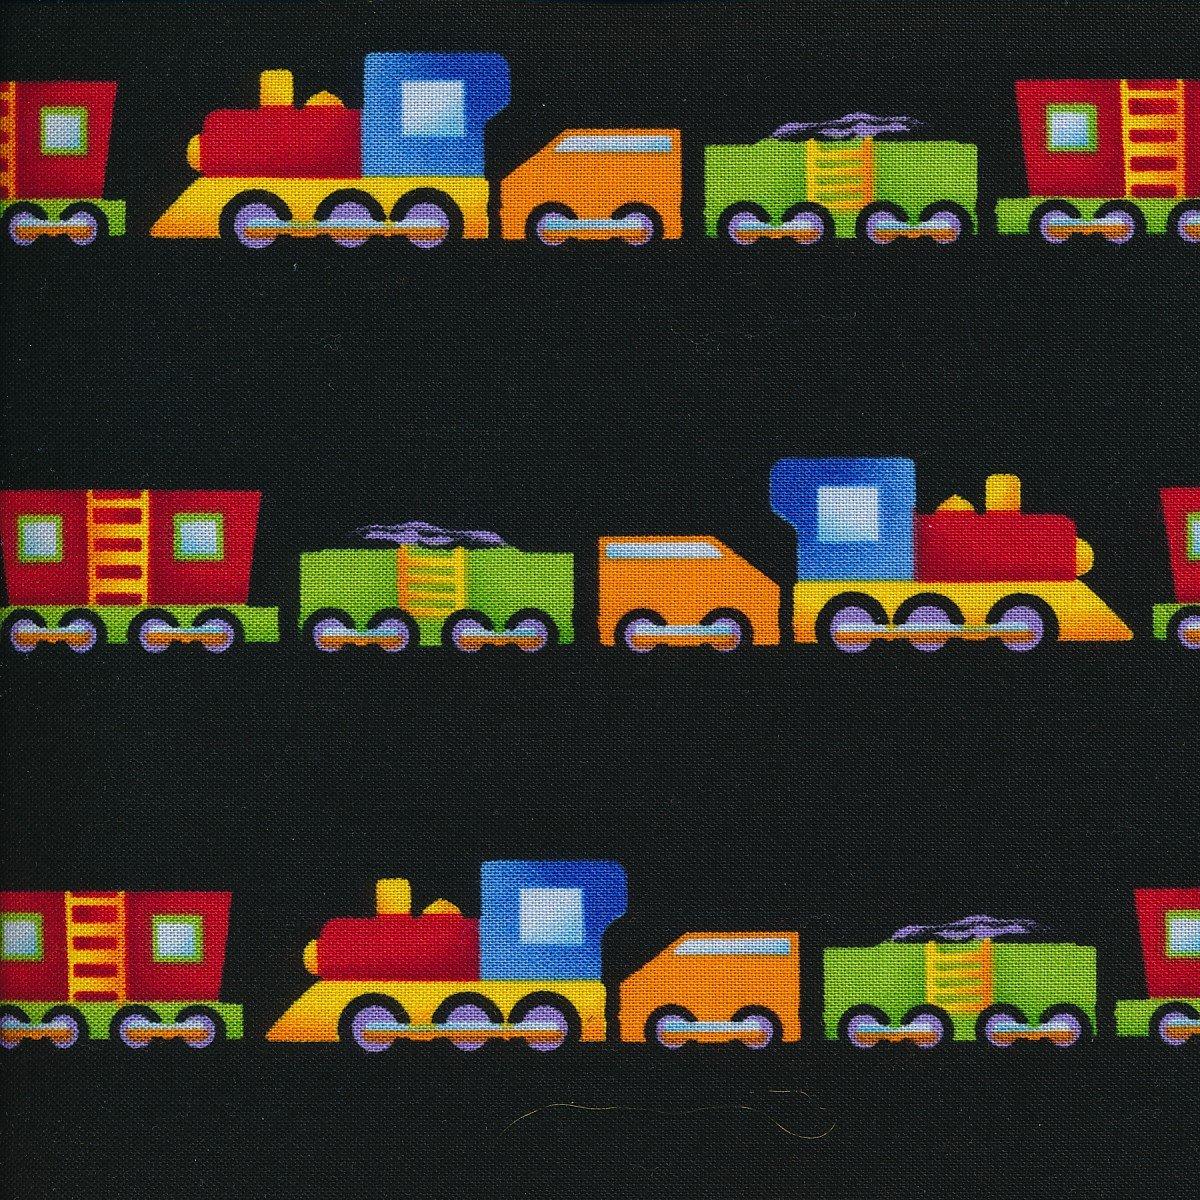 trains on black